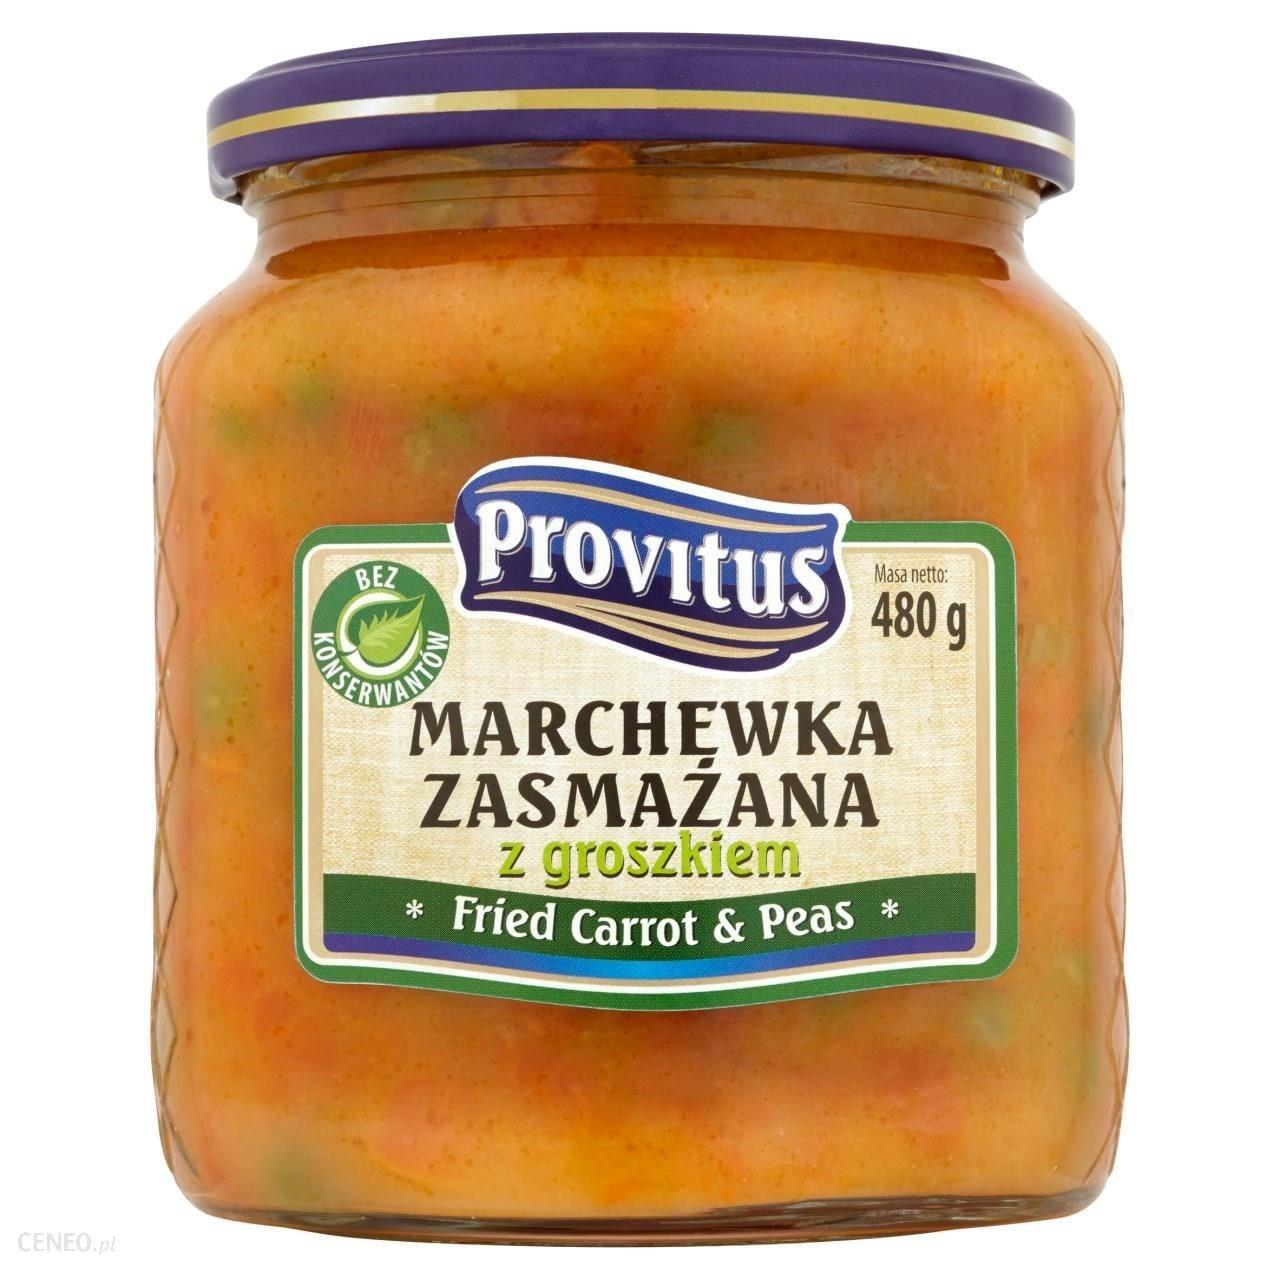 Paistettua porkkanaa ja herneitä - Marchewka zasmazana z groszkiem Provitus 480g